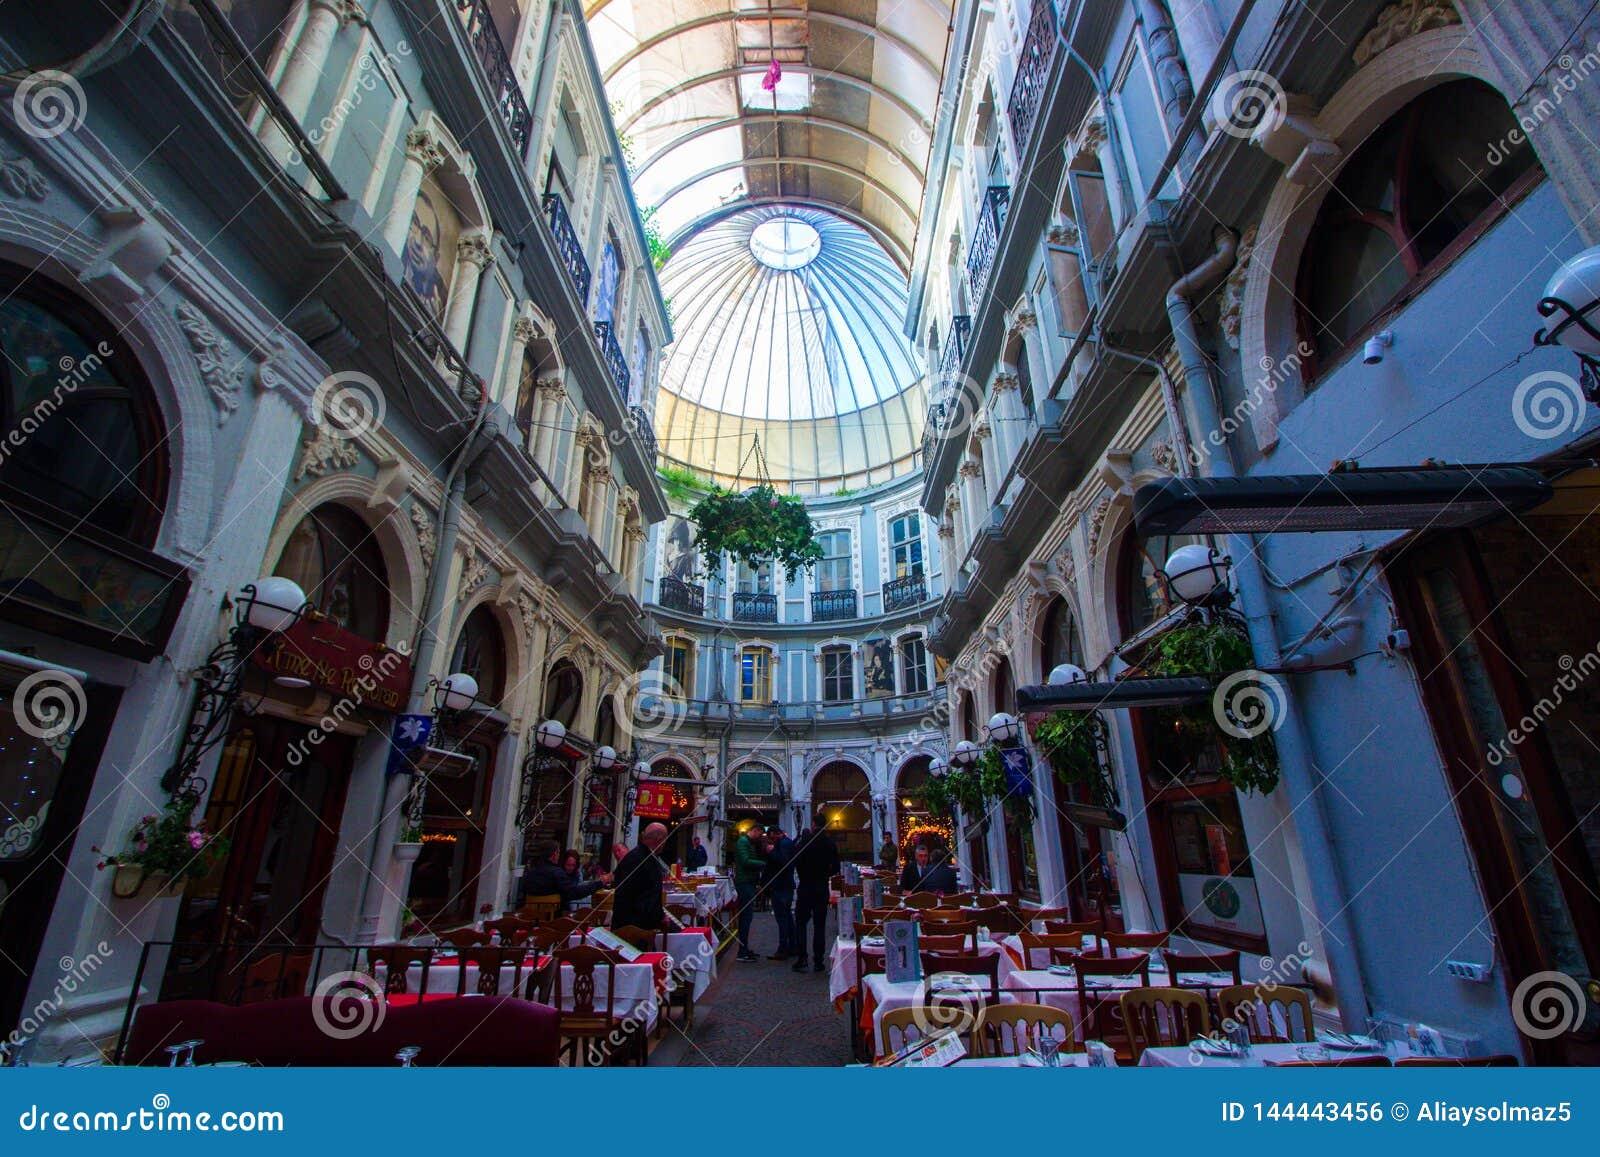 Istanbul, istiklal/Turquie 03 04 2019 : Passage de Cicek, endroit historique à Istanbul